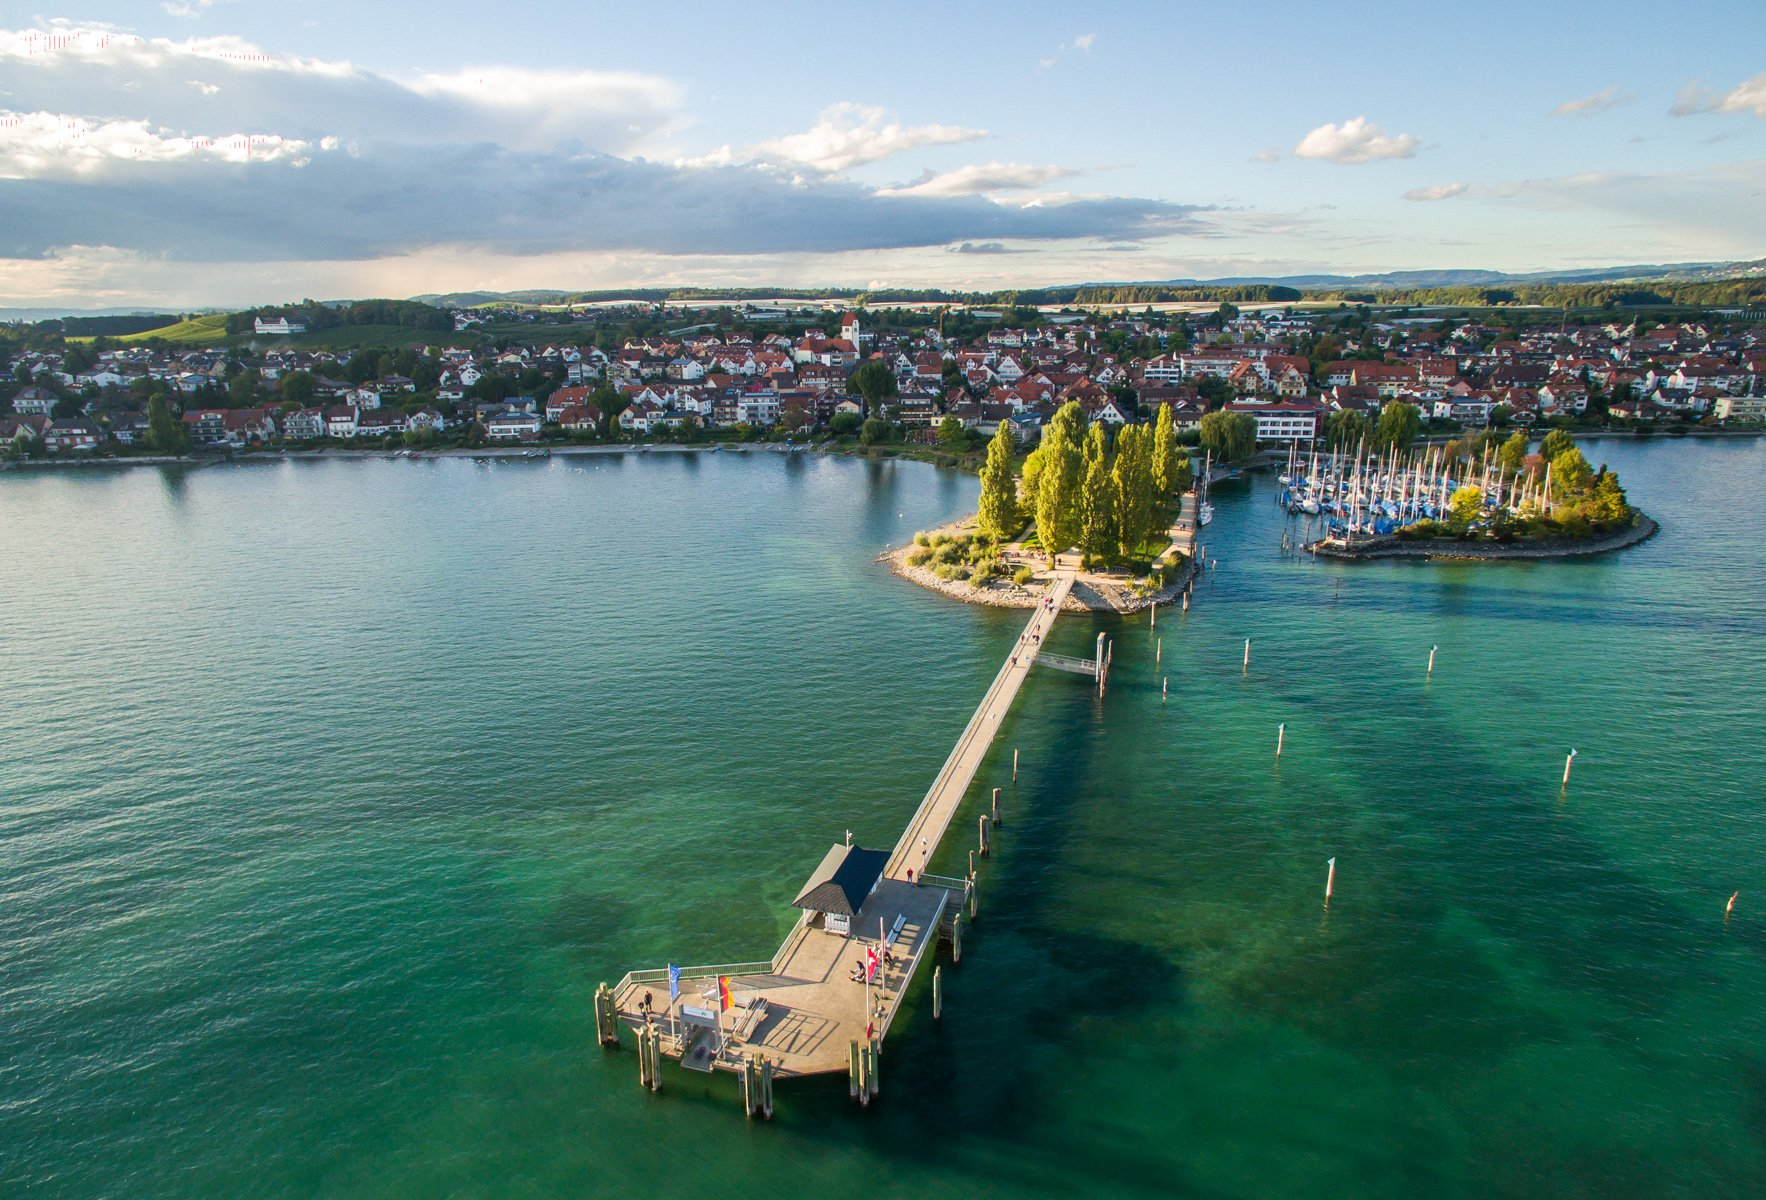 Schiffslandesteg in Immenstaad aus der Luft fotografiert mit türkisfarbenen See darunter und der Ort Immenstaad im Hintergrund